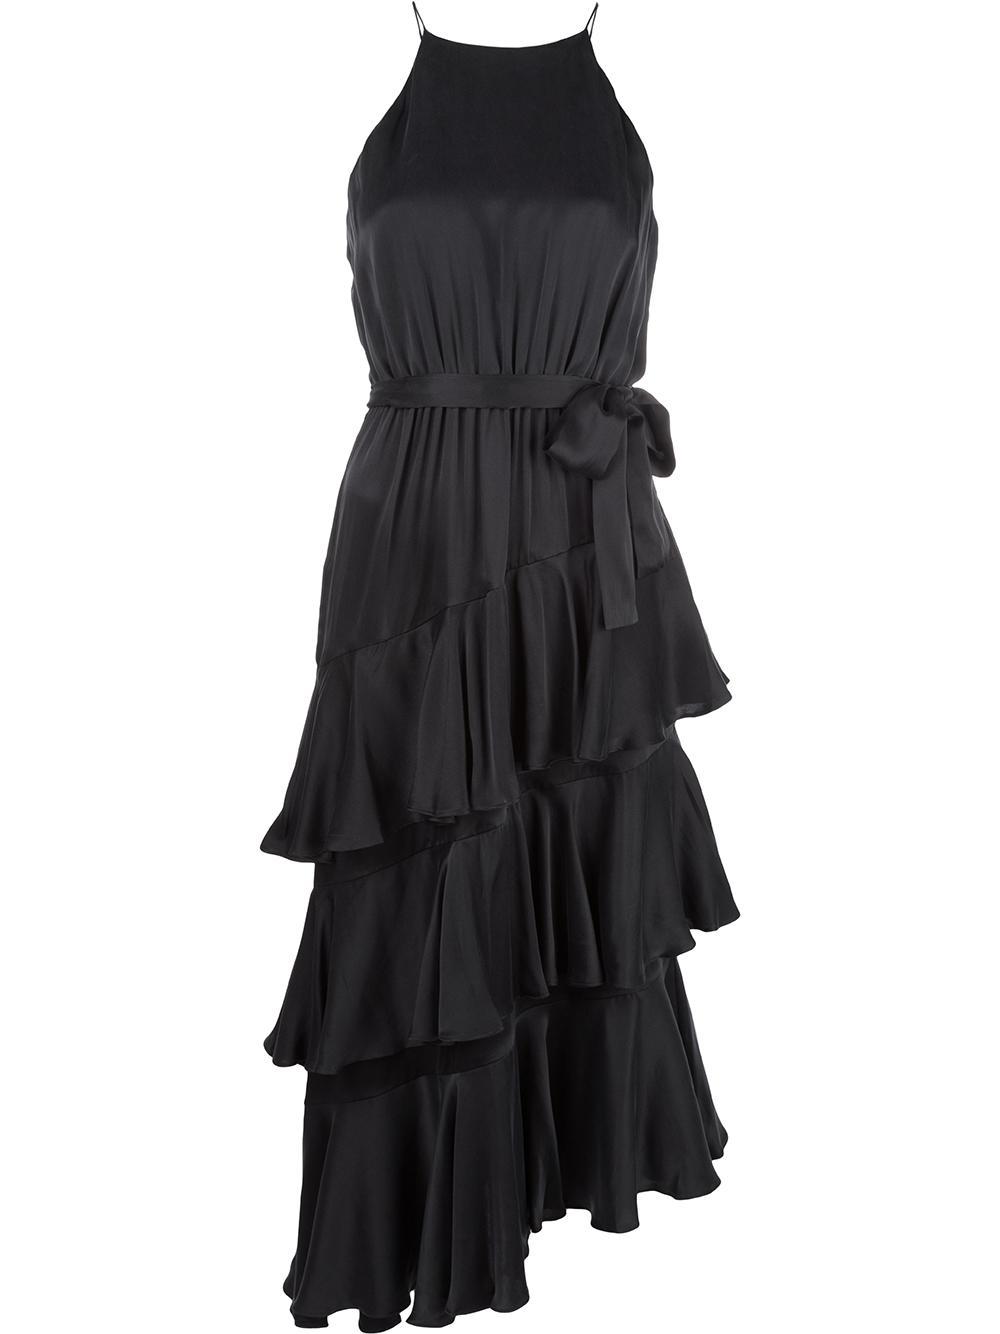 Espionage Silk Picnic Dress Item # 6889DRESP